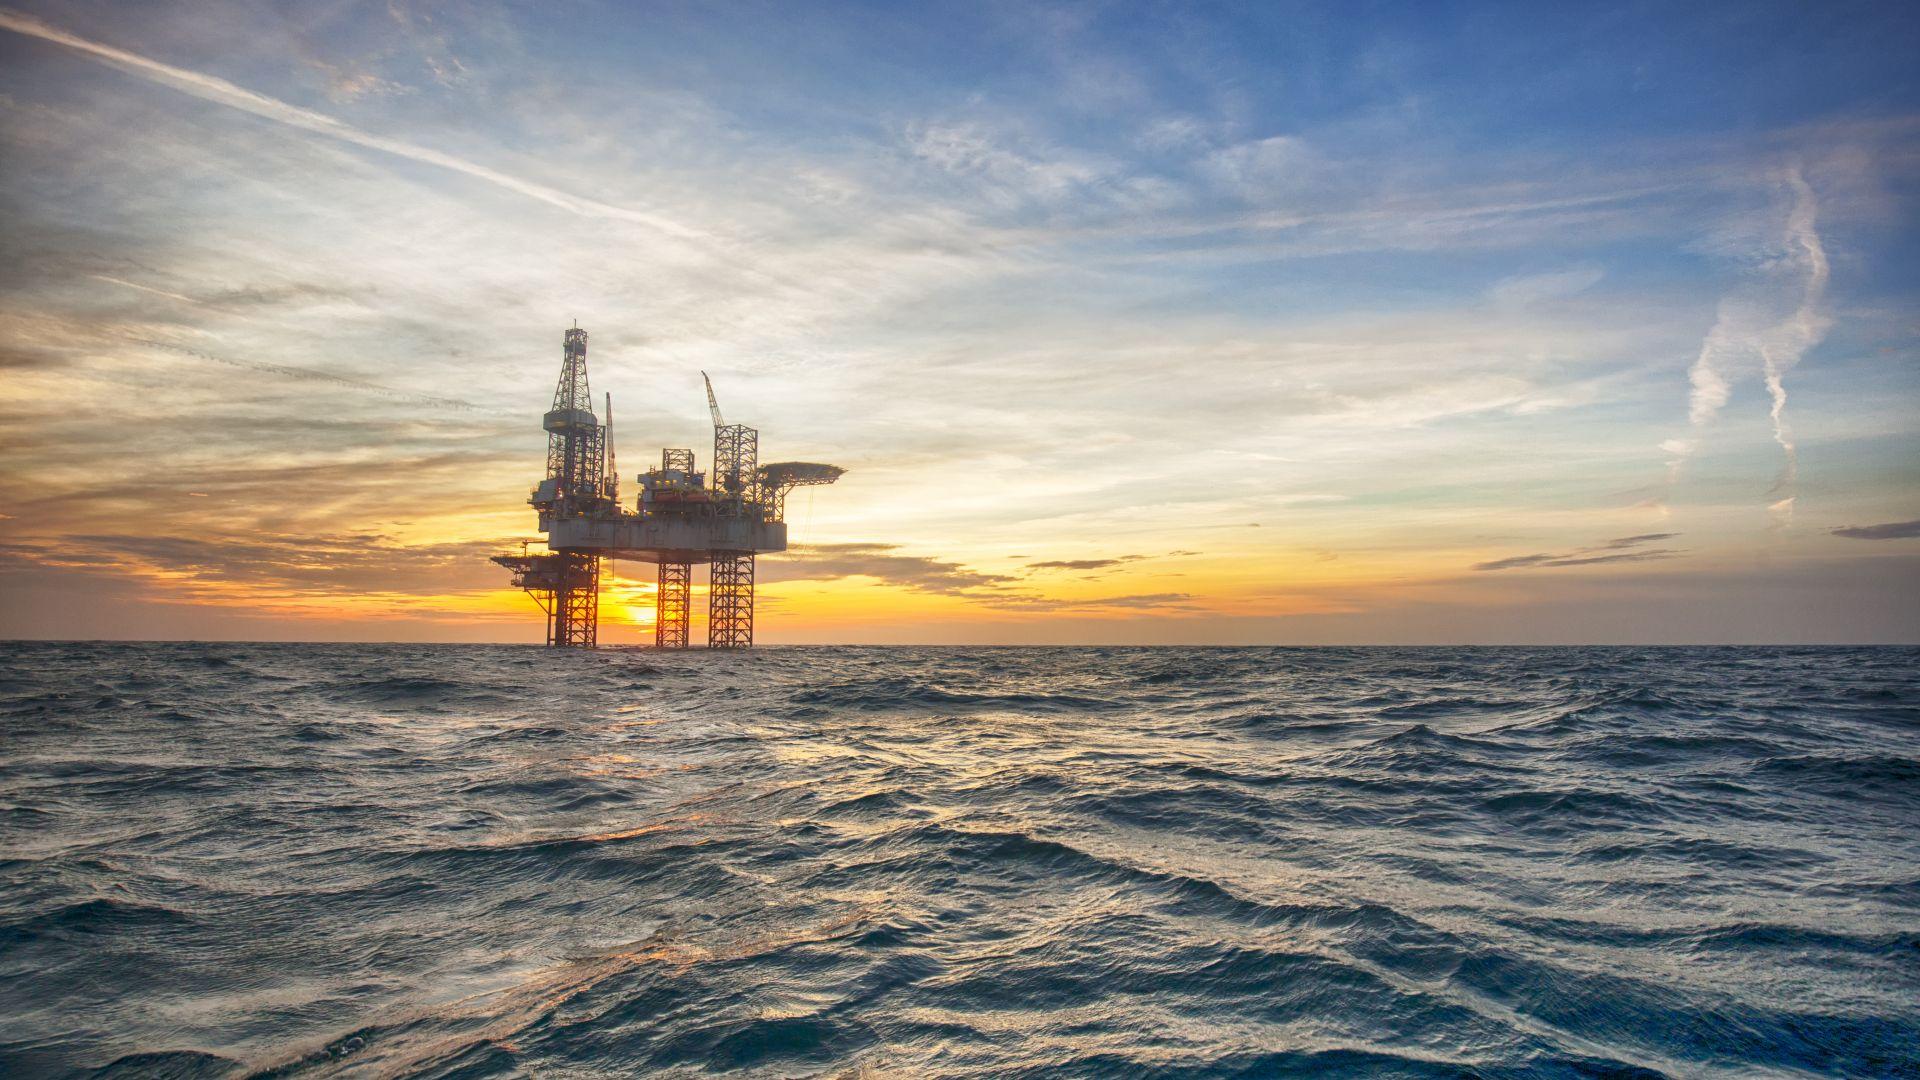 Износът на петрол от САЩ удря цените на ОПЕК и Русия